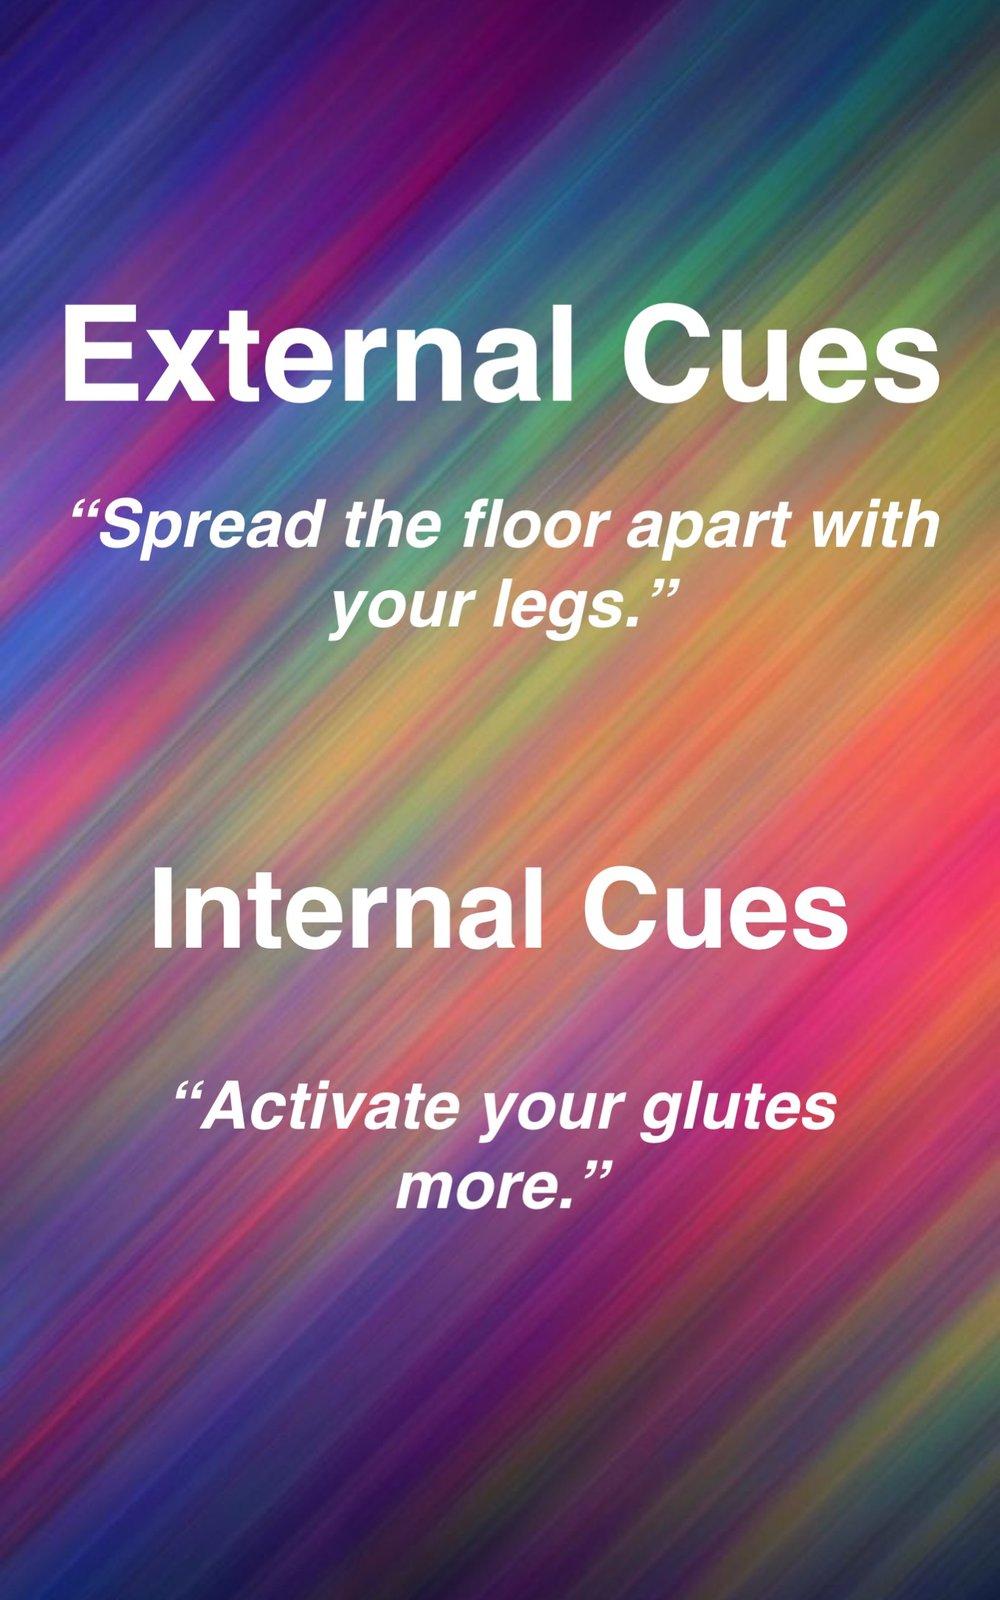 External Cues10.jpg